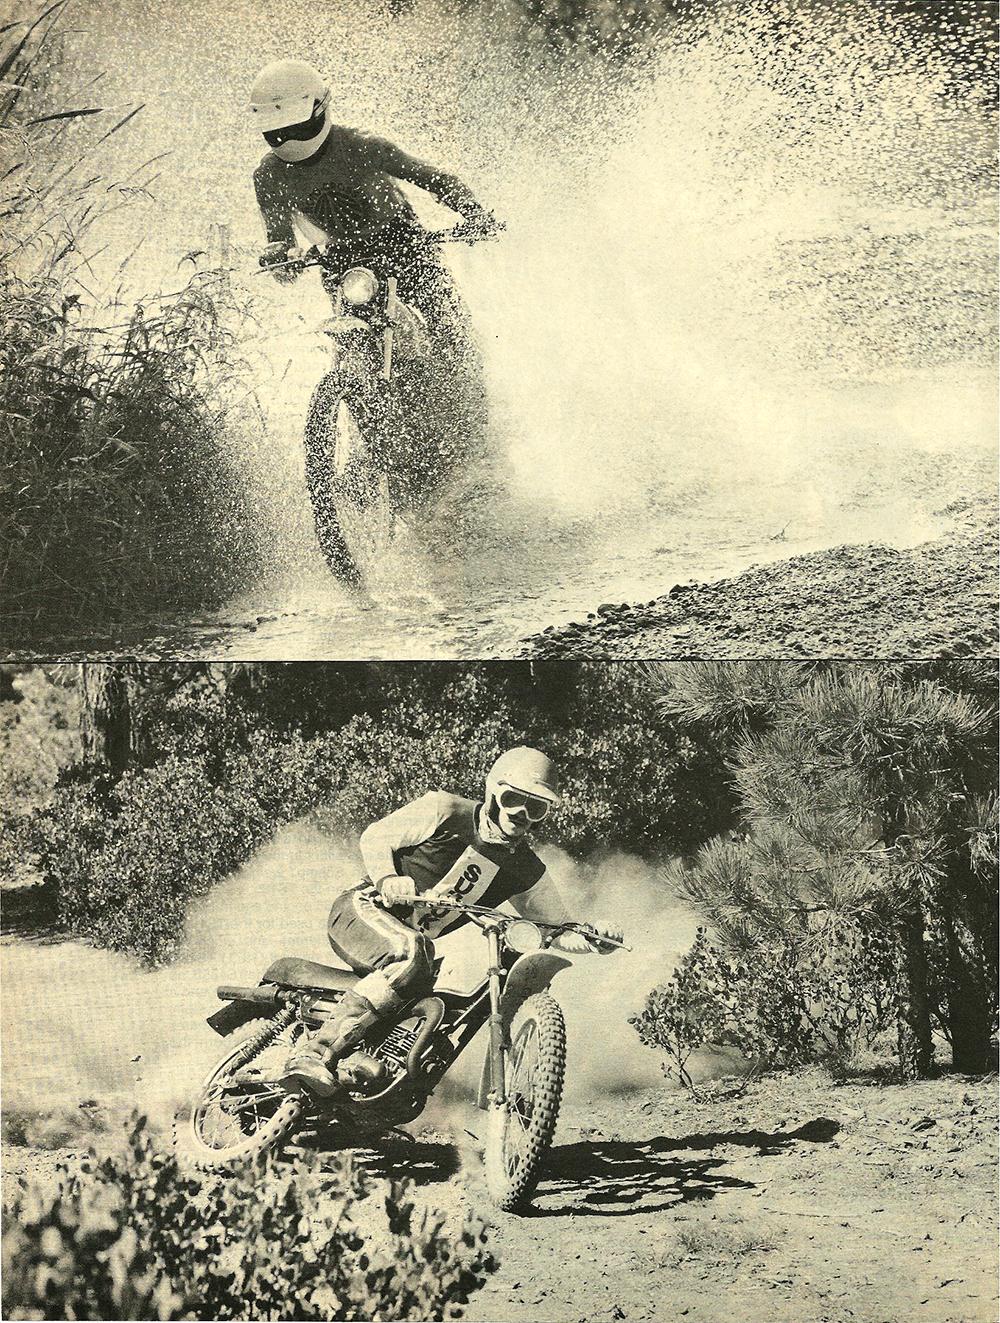 1977 Suzuki DS185 road test 03.jpg